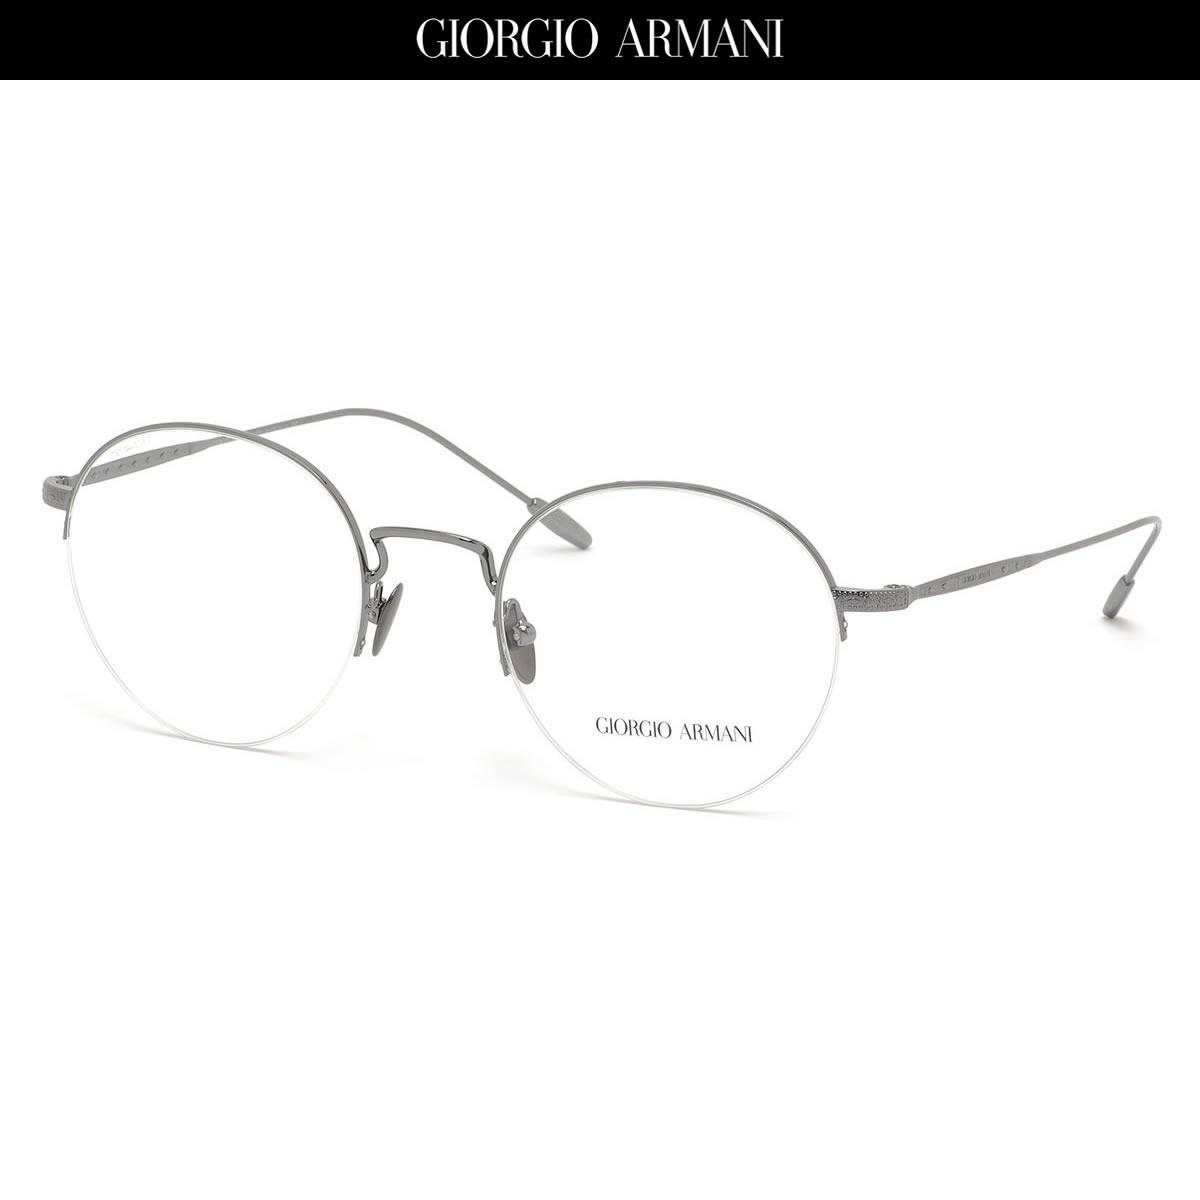 ポイント最大33倍 GIORGIO ARMANI ジョルジオアルマーニ メガネAR5079 3010 50サイズアルマーニ ハーフリム ナイロールジョルジオアルマーニGIORGIOARMANI メンズ レディース